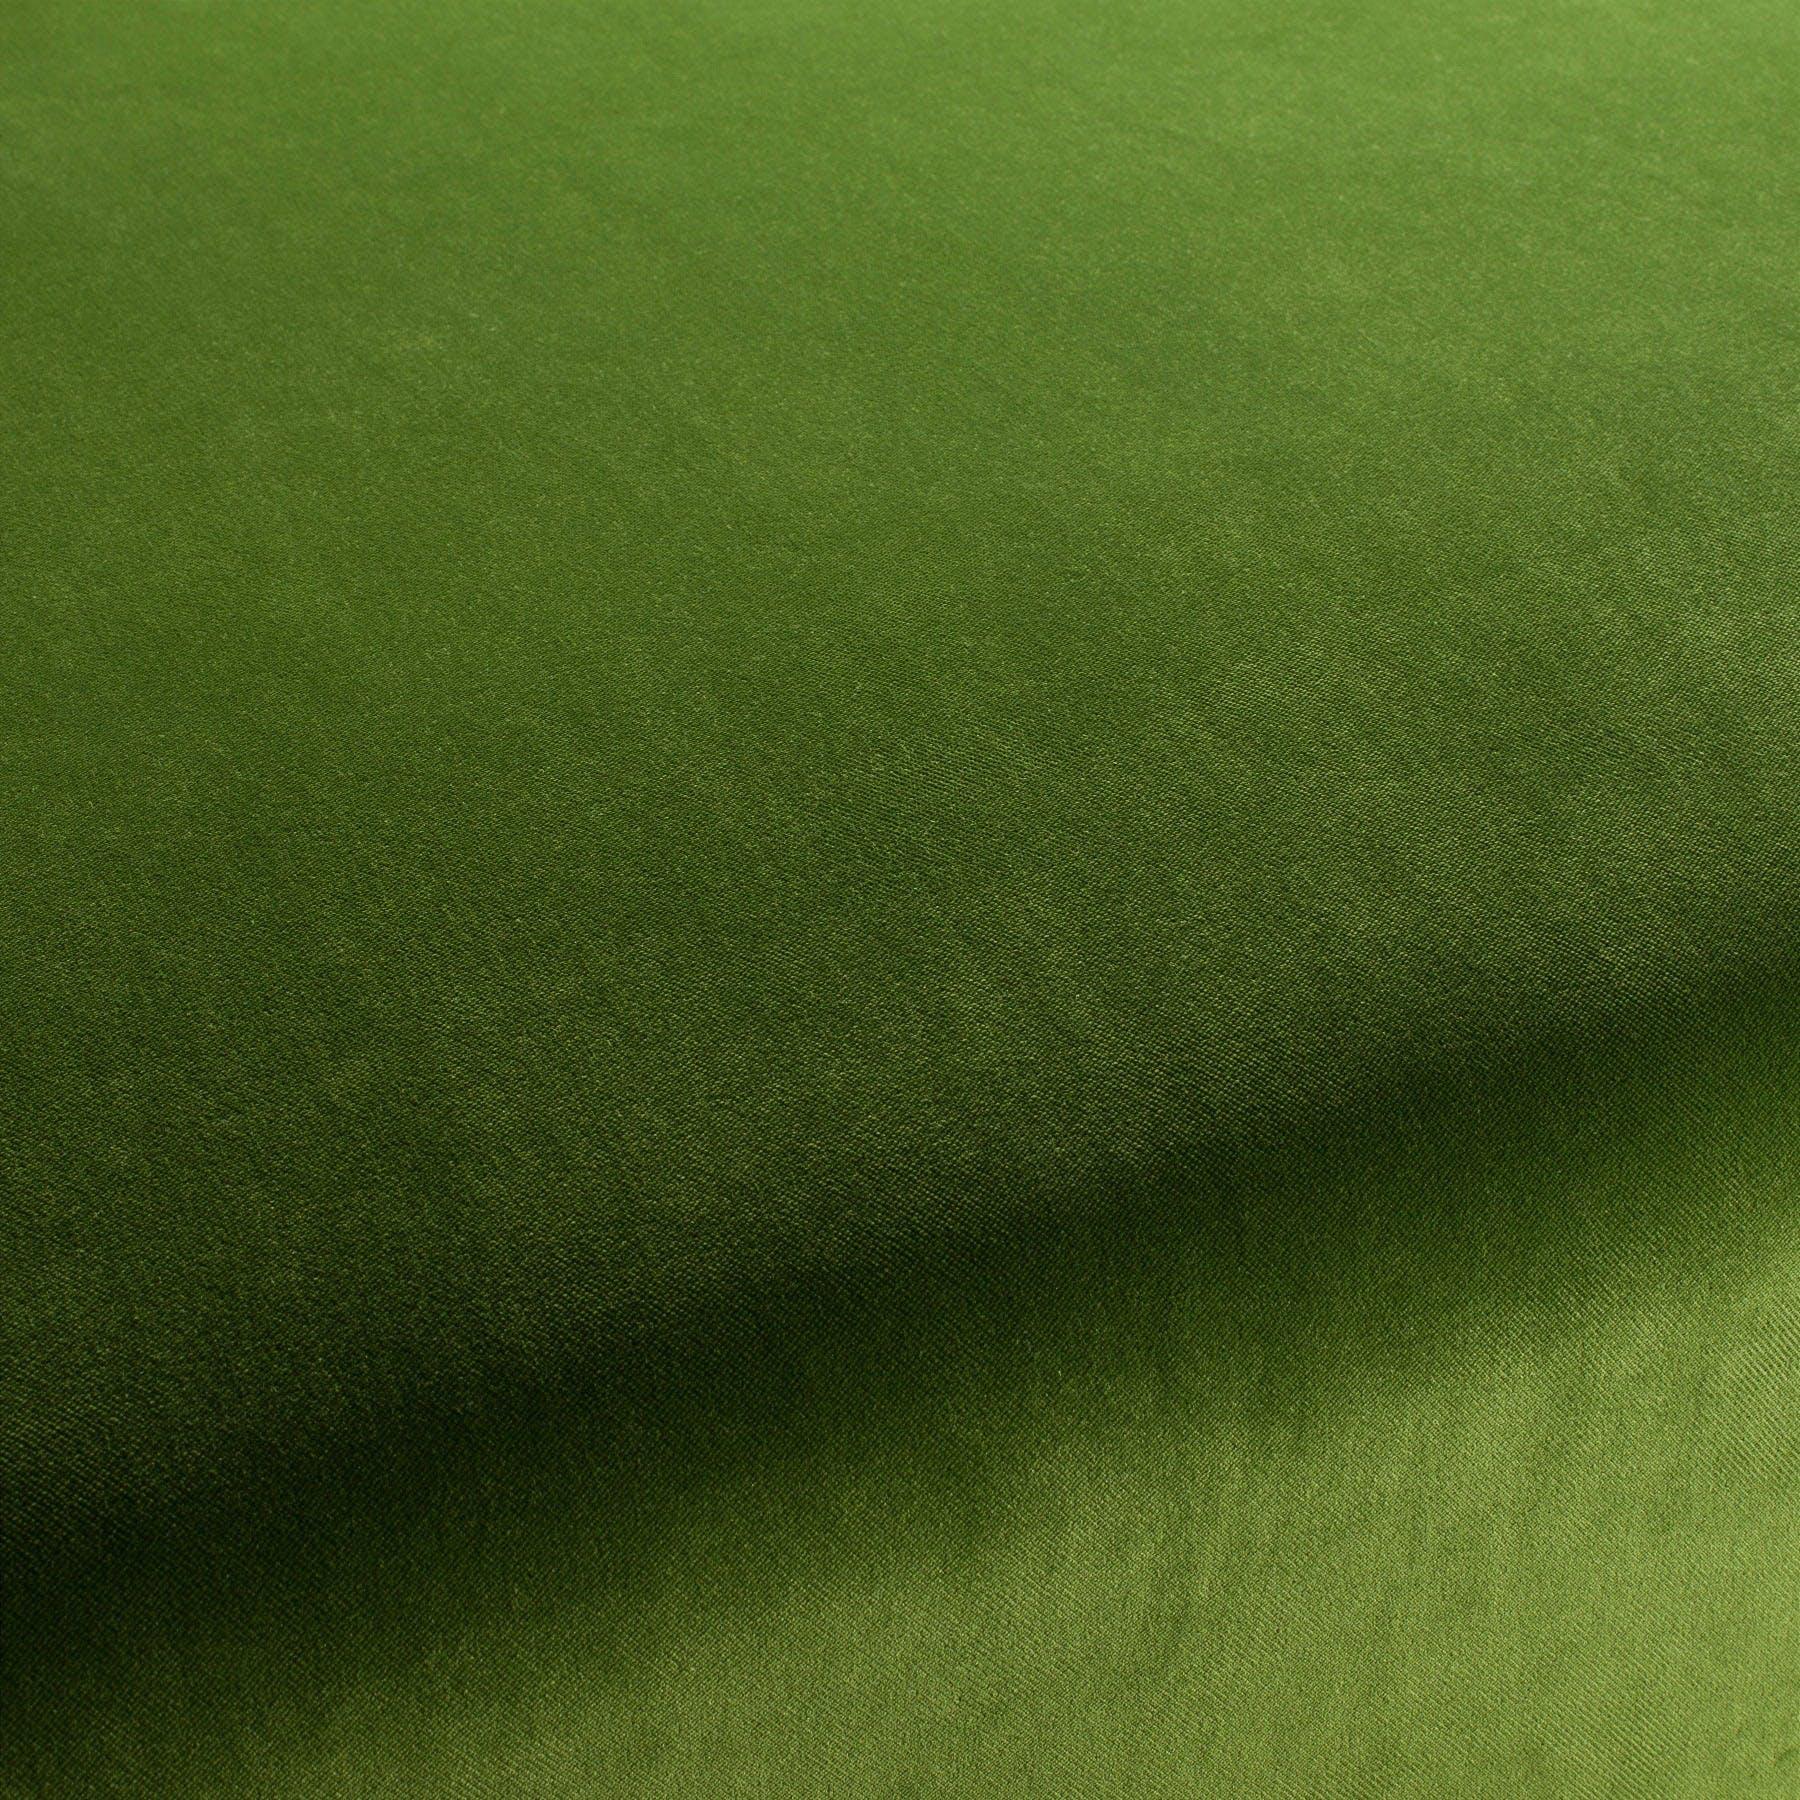 Jab-anstoetz-fabrics-olive-city-velvet-vol-2-upholstery-haute-living